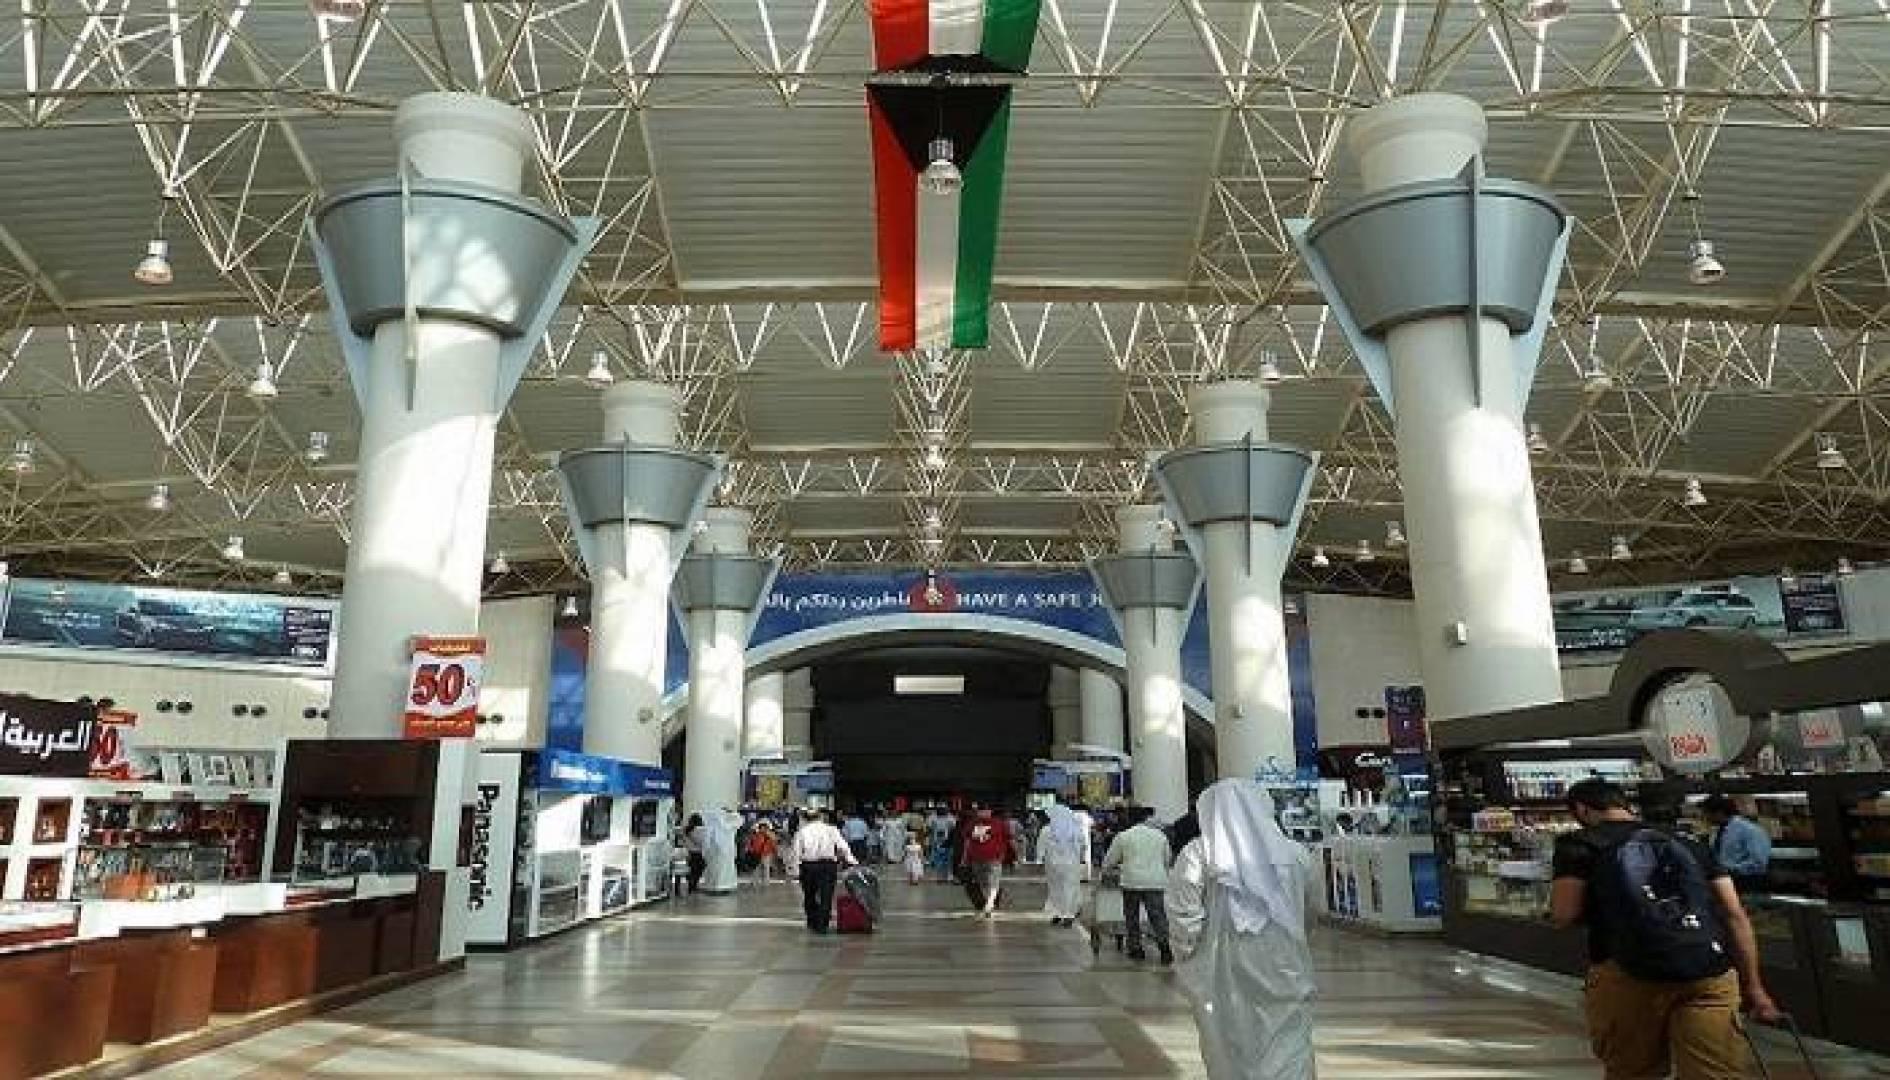 «الطيران المدني»: 4.5 مليون إجمالي عدد الركاب بمطار الكويت.. في 3 أشهر